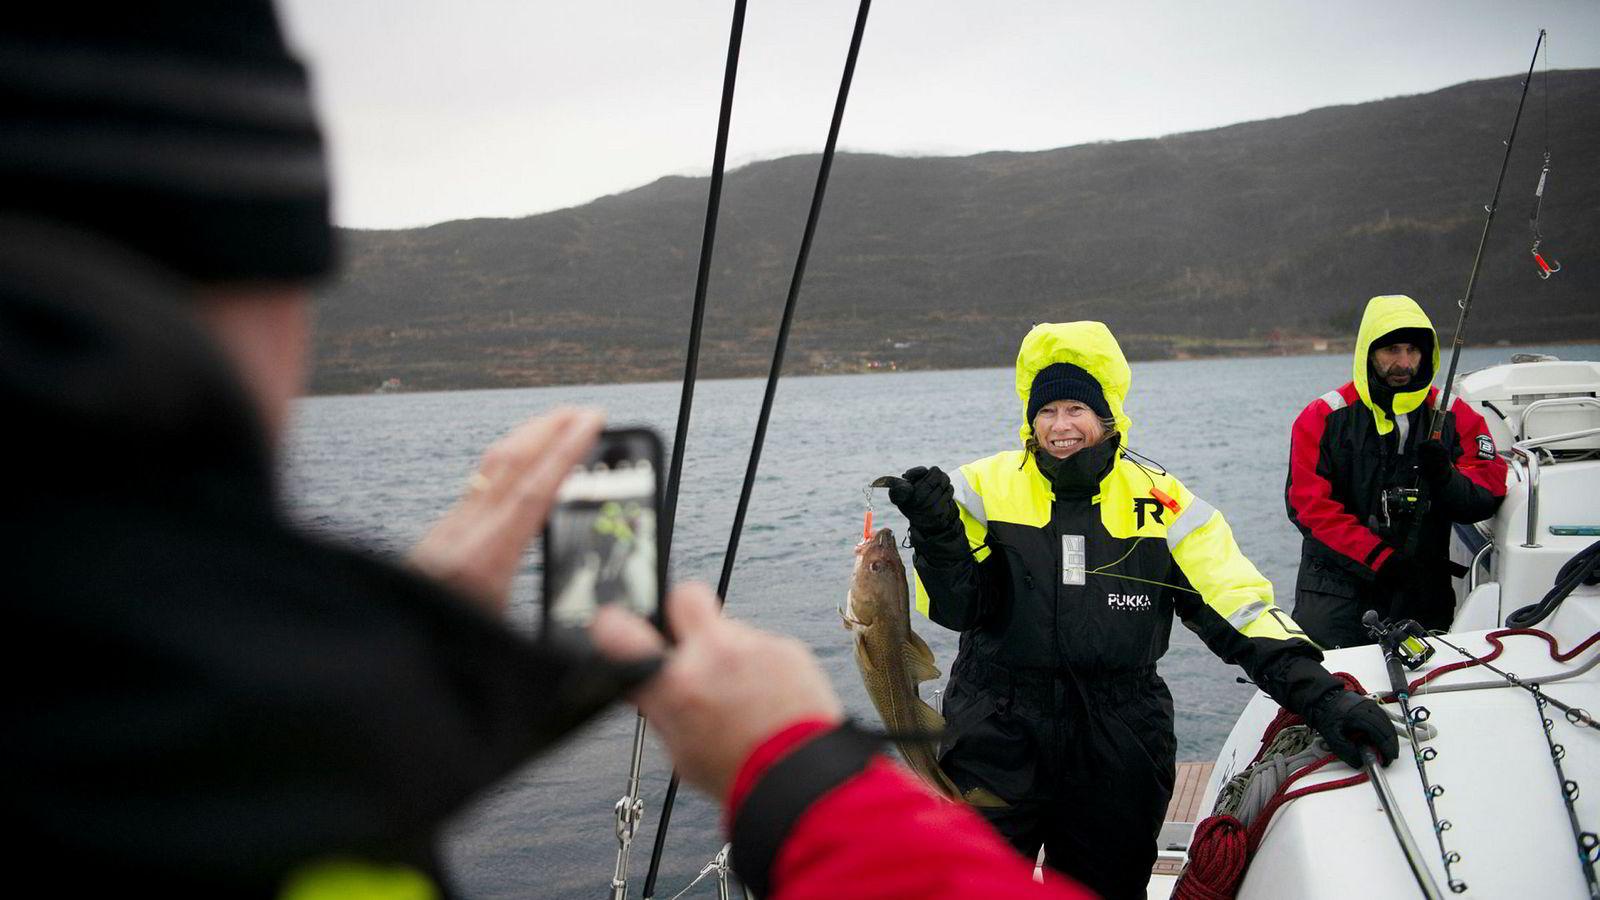 Steve Brown fra Texas tar bilde av kona Laura Brown, som akkurat har halt opp en torsk fra en av Pukka Travels seilkatamaraner i Kvalsundet nord for Tromsø. Turist Jose Galdon (til høyre) fikk ingen fisk.